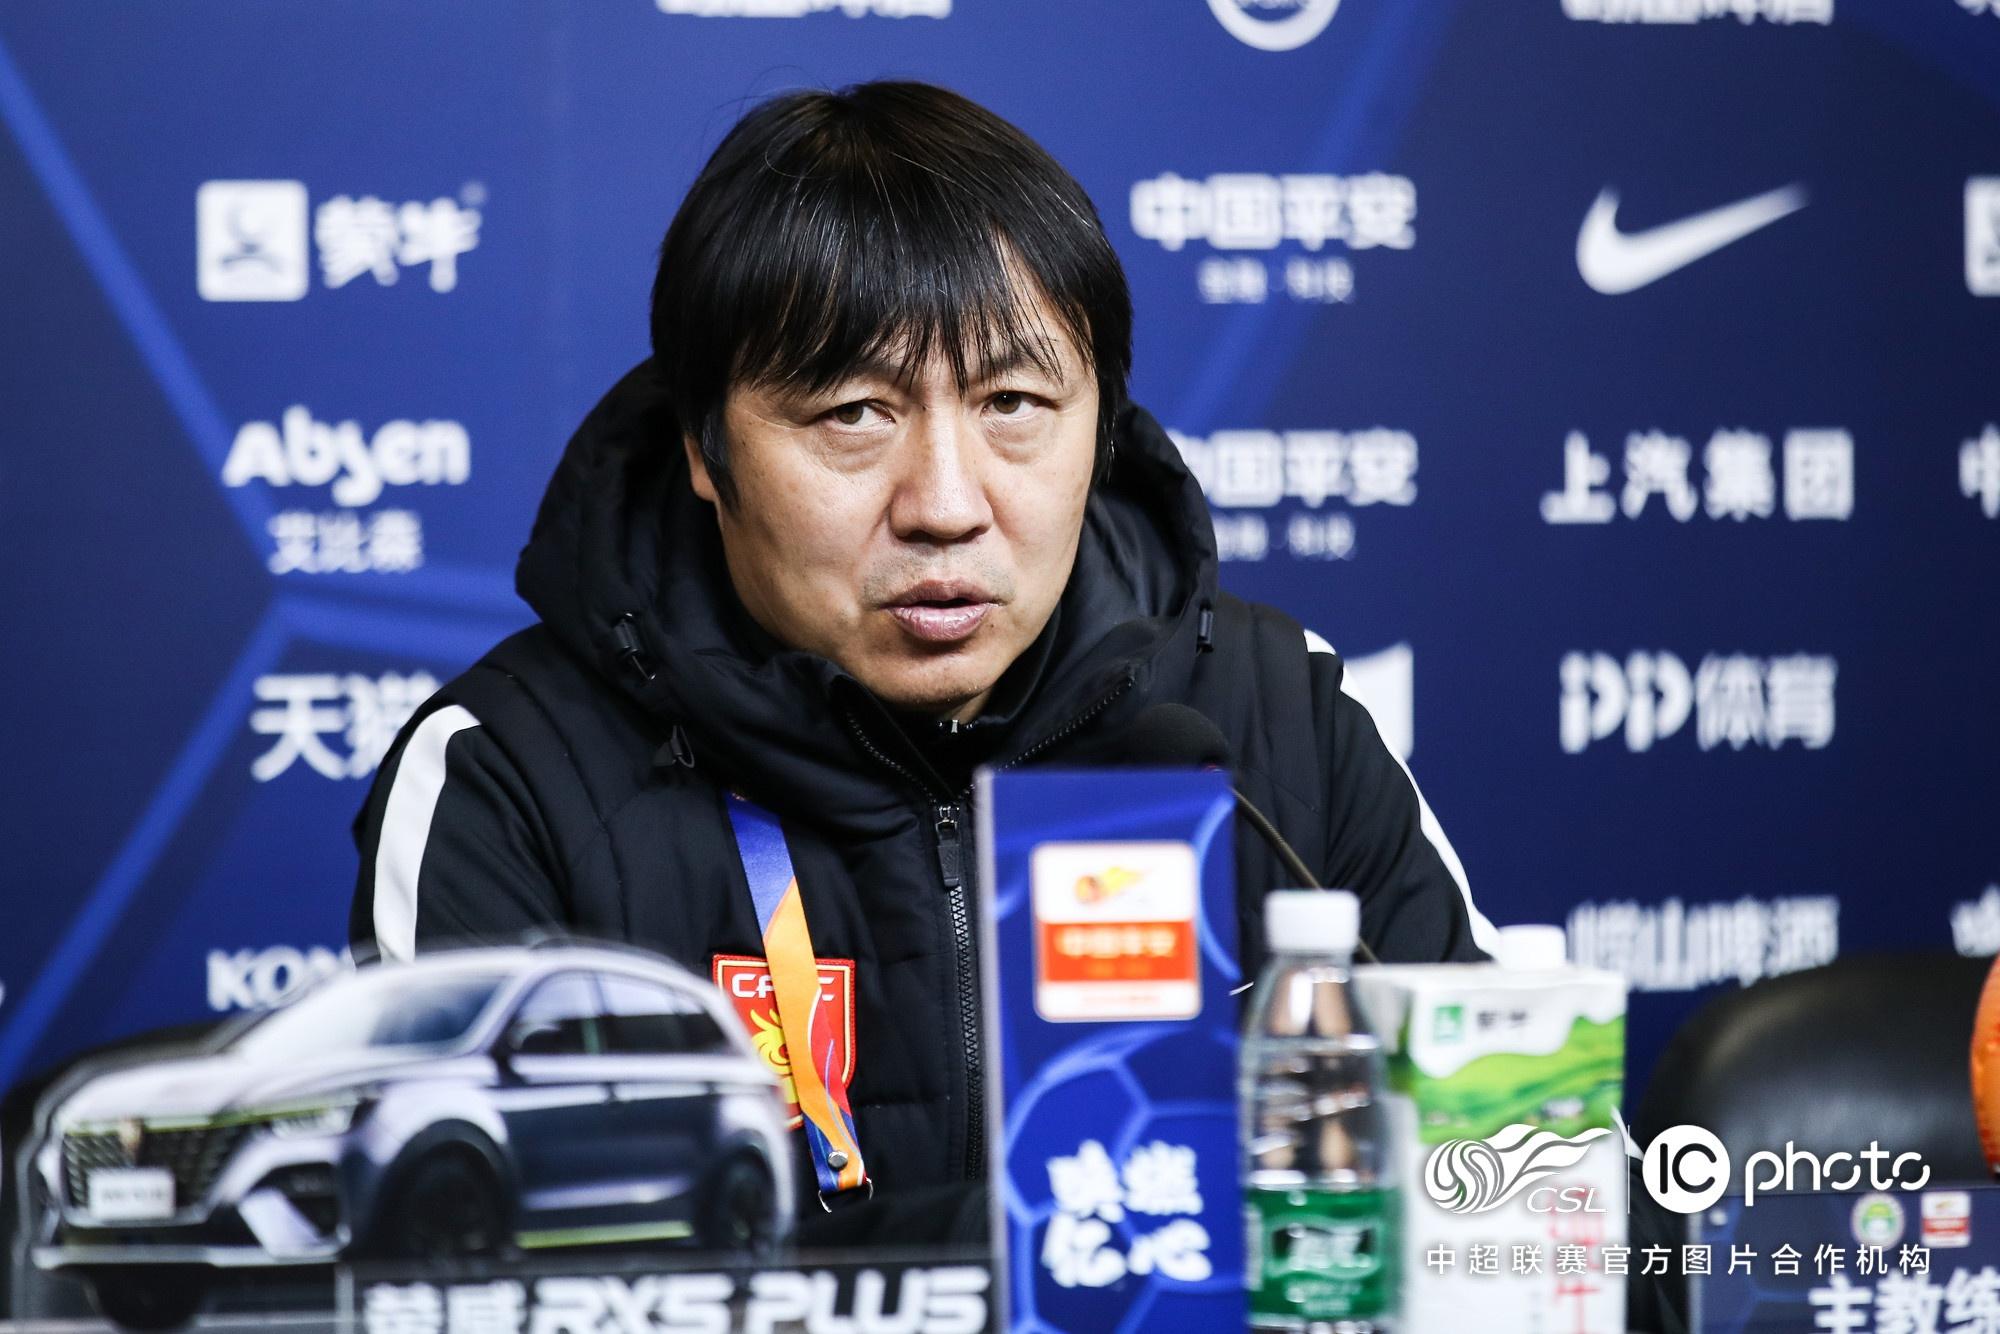 赛后声音   谢峰:防守做的可以板凳深度要加强  崔康熙:我们也看到了希望和进步